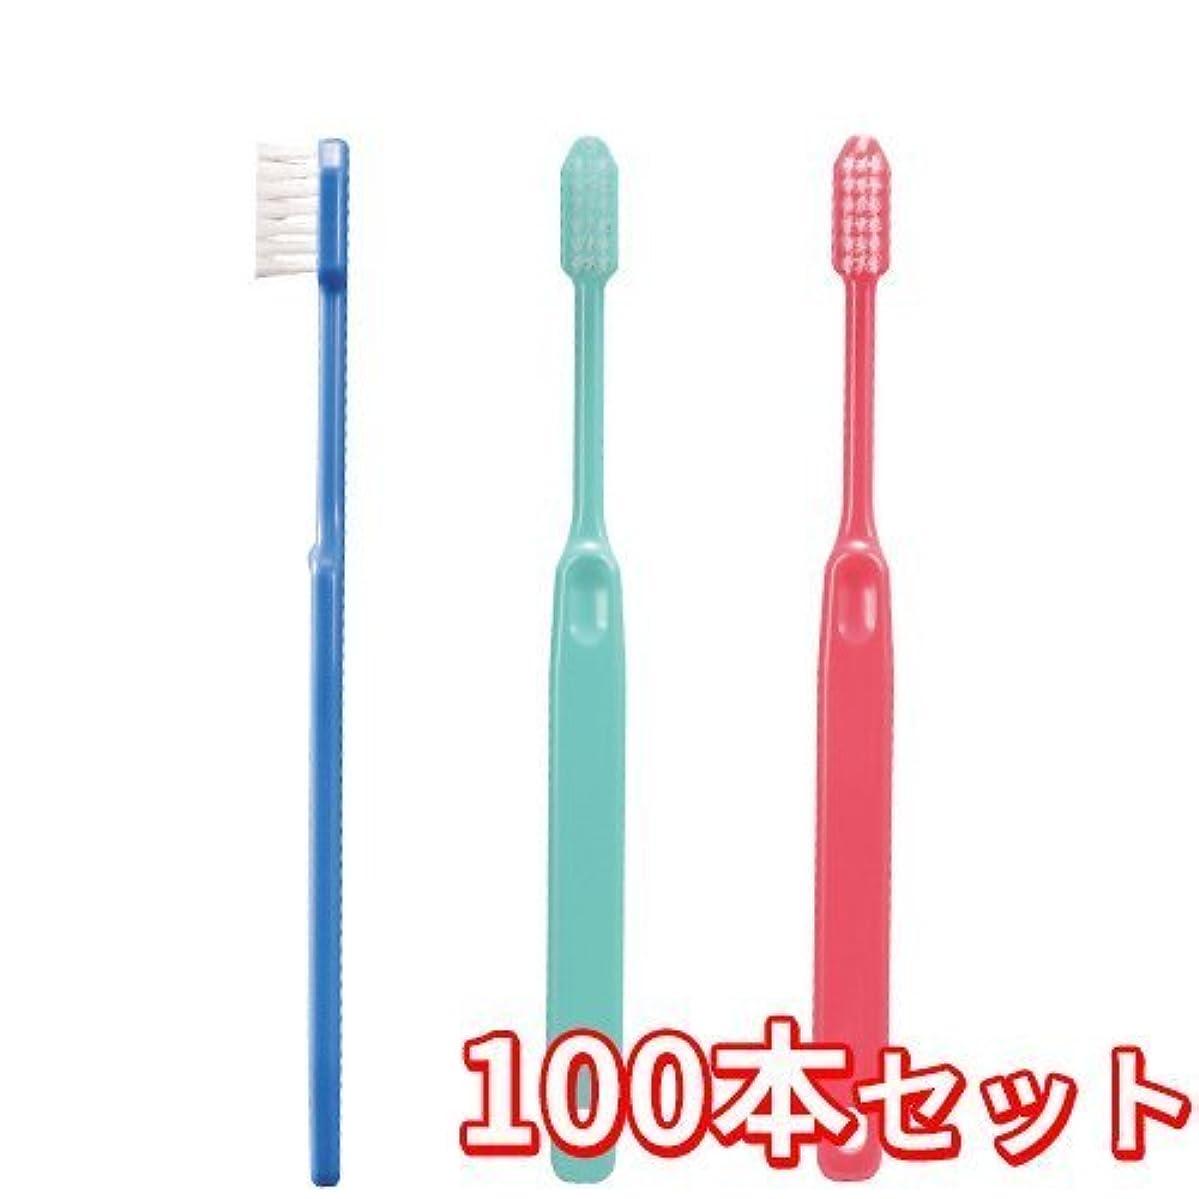 ピラミッド感謝祭義務Ciメディカル 歯ブラシ コンパクトヘッド 疎毛タイプ アソート 100本 (Ci23(やややわらかめ))